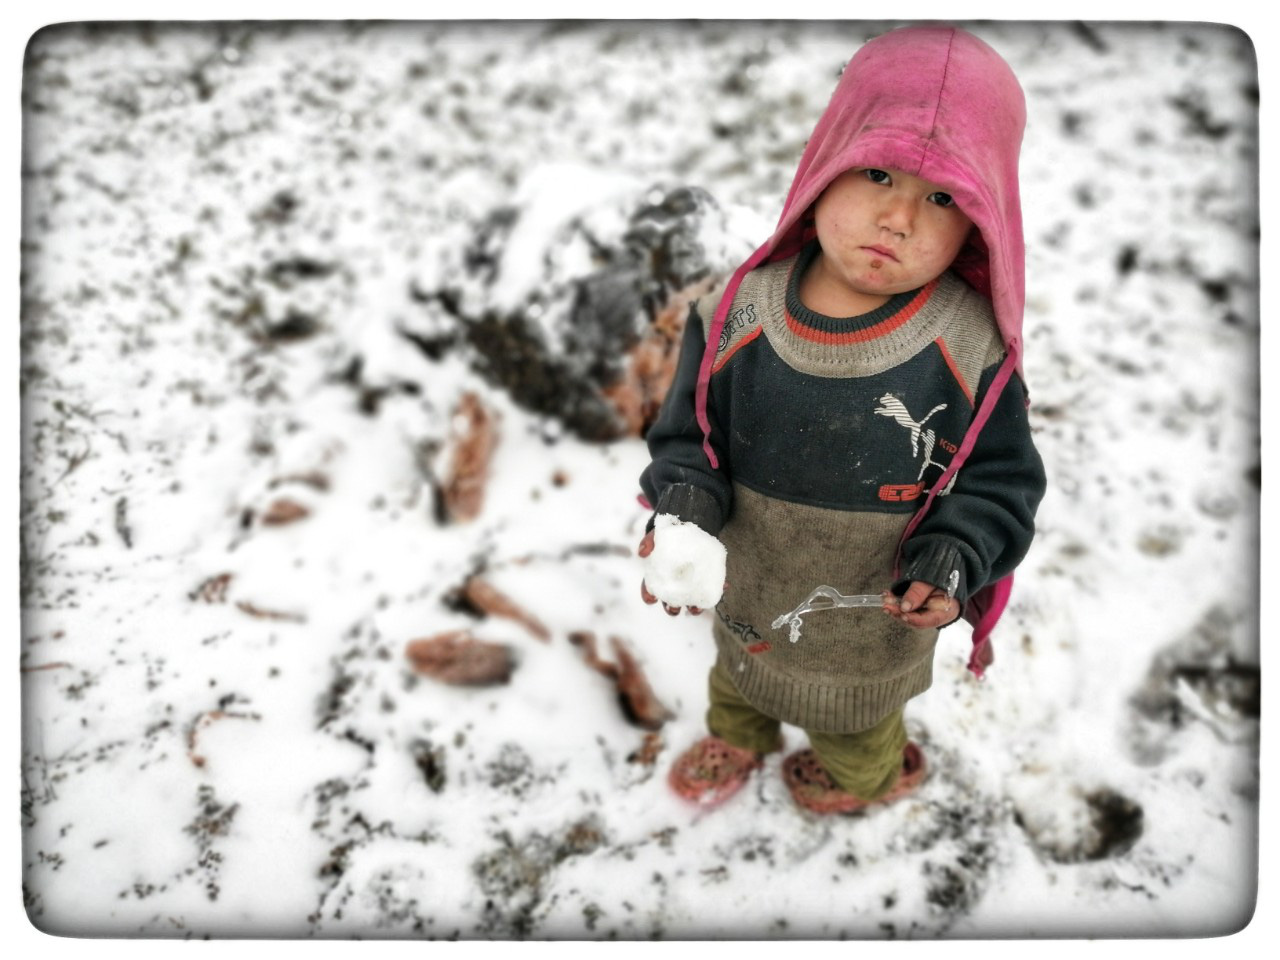 Lào Cai: Lạnh -3 độ C, Y Tý ngày tuyết rơi như chiếc tủ lạnh khổng lồ, đẹp như trời Âu - Ảnh 17.